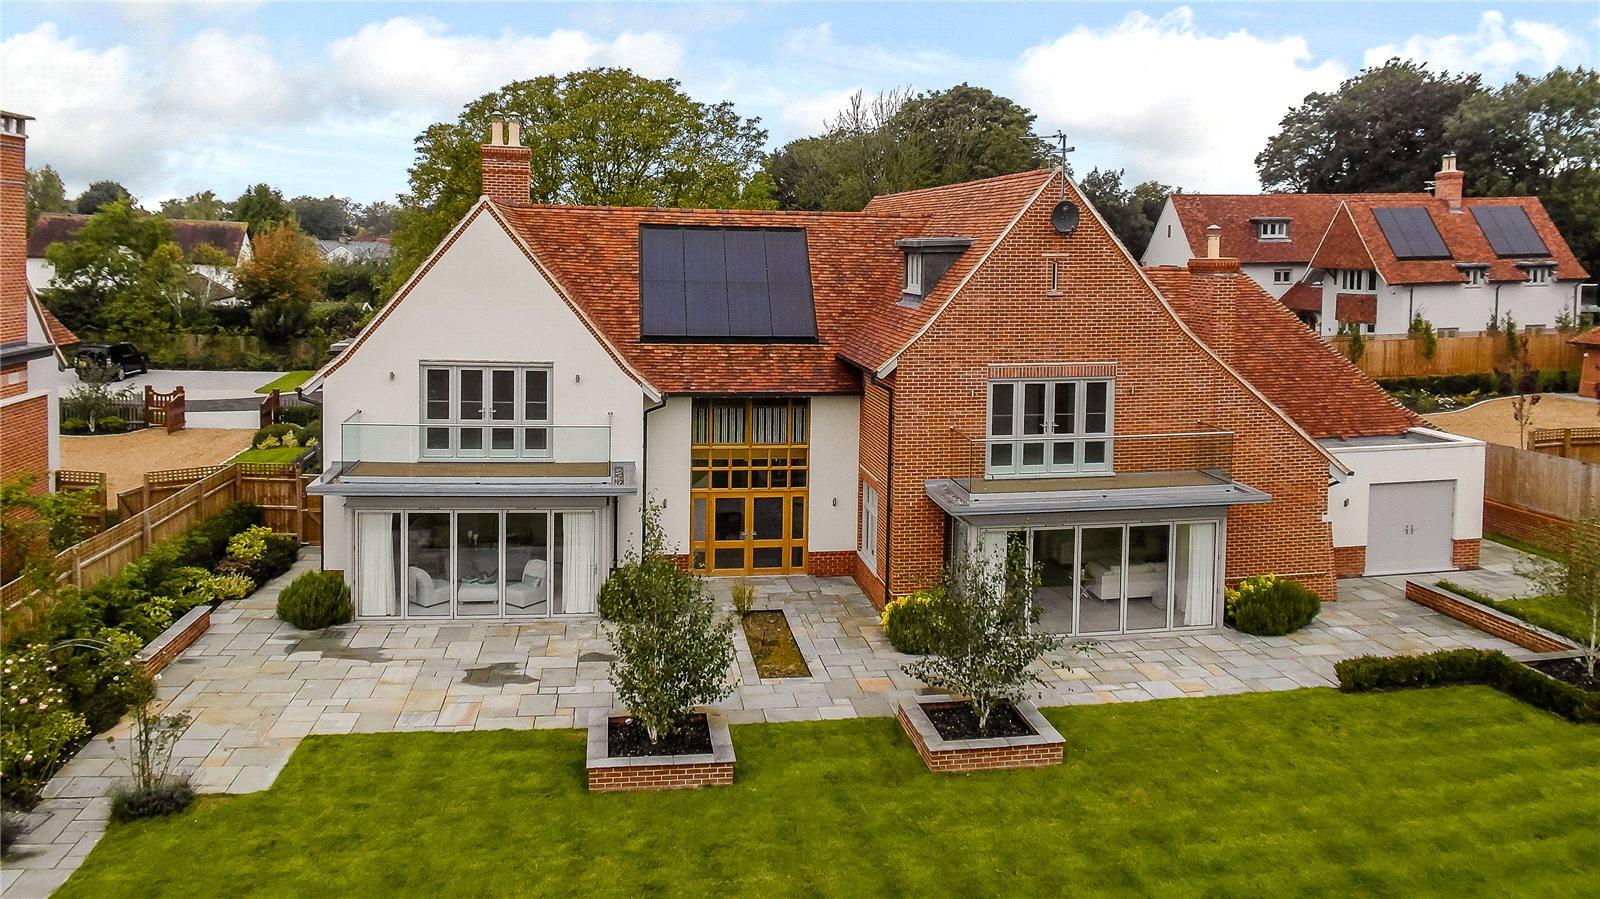 단독 가정 주택 용 매매 에 Rose Lane, Great Chesterford, Saffron Walden, Essex, CB10 Saffron Walden, 영국